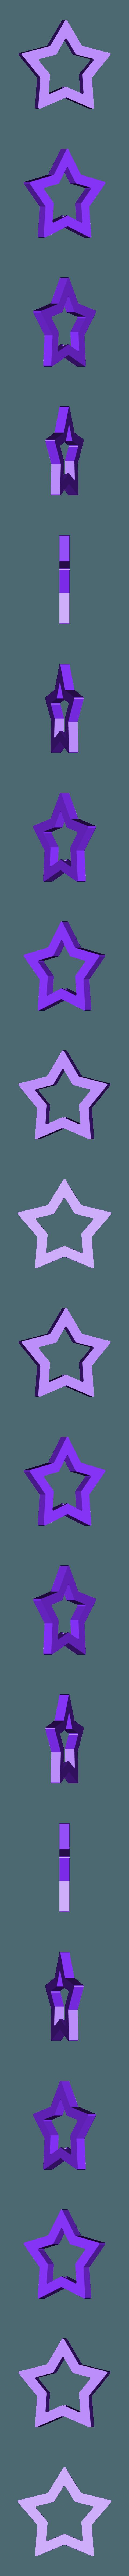 Rosalina Star Wand Piece.stl Télécharger fichier STL Baguette Rosalina Star Pièce • Modèle pour impression 3D, httpkoopa